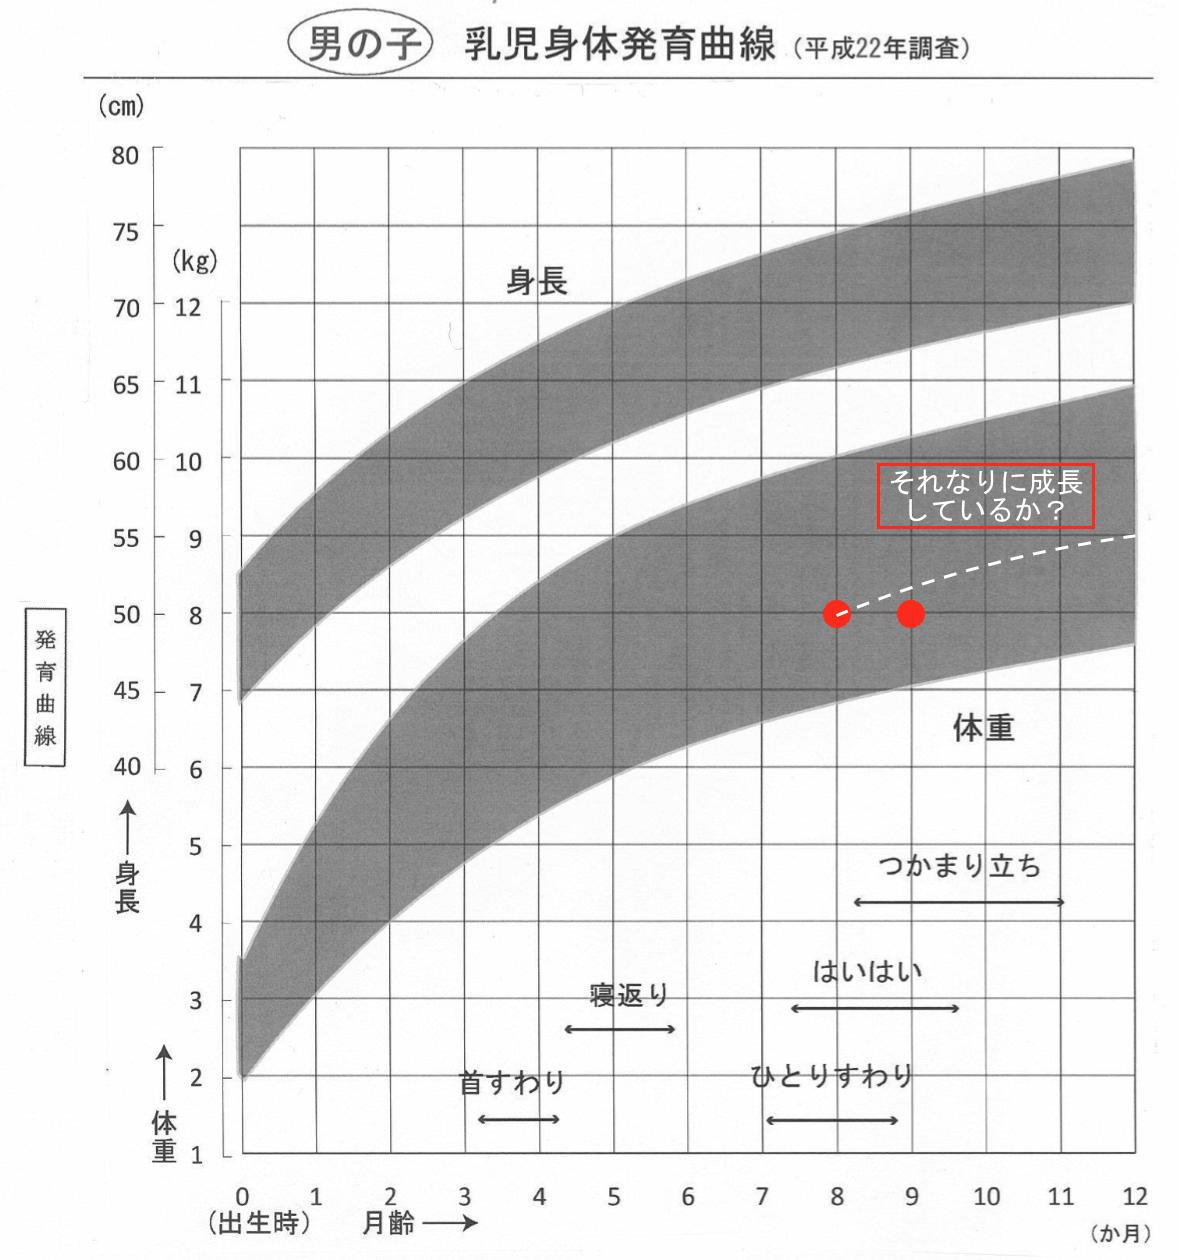 乳児発育曲線・体重